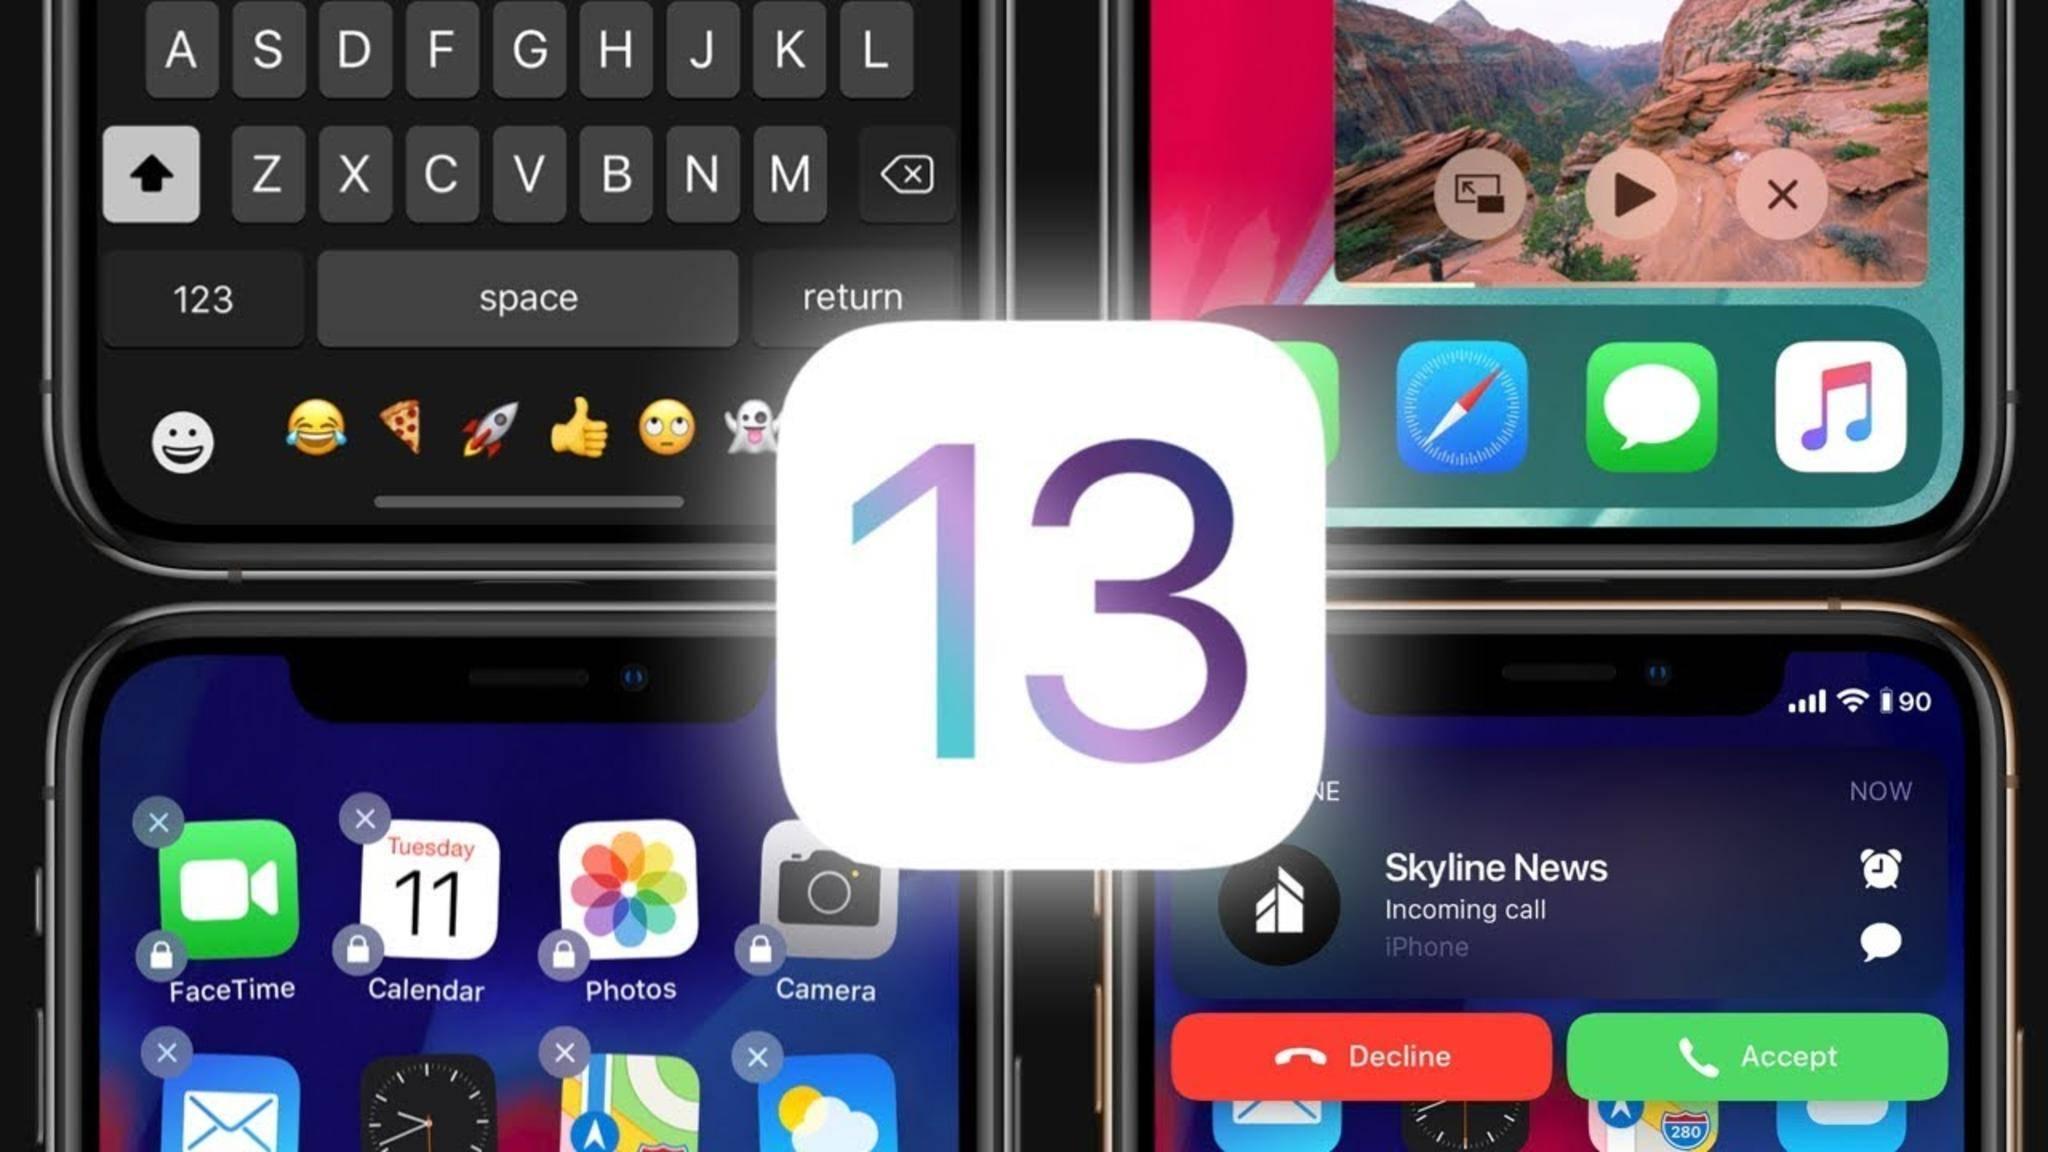 Der Dark Mode für iOS 13 kommt angeblich schon mit der ersten Beta